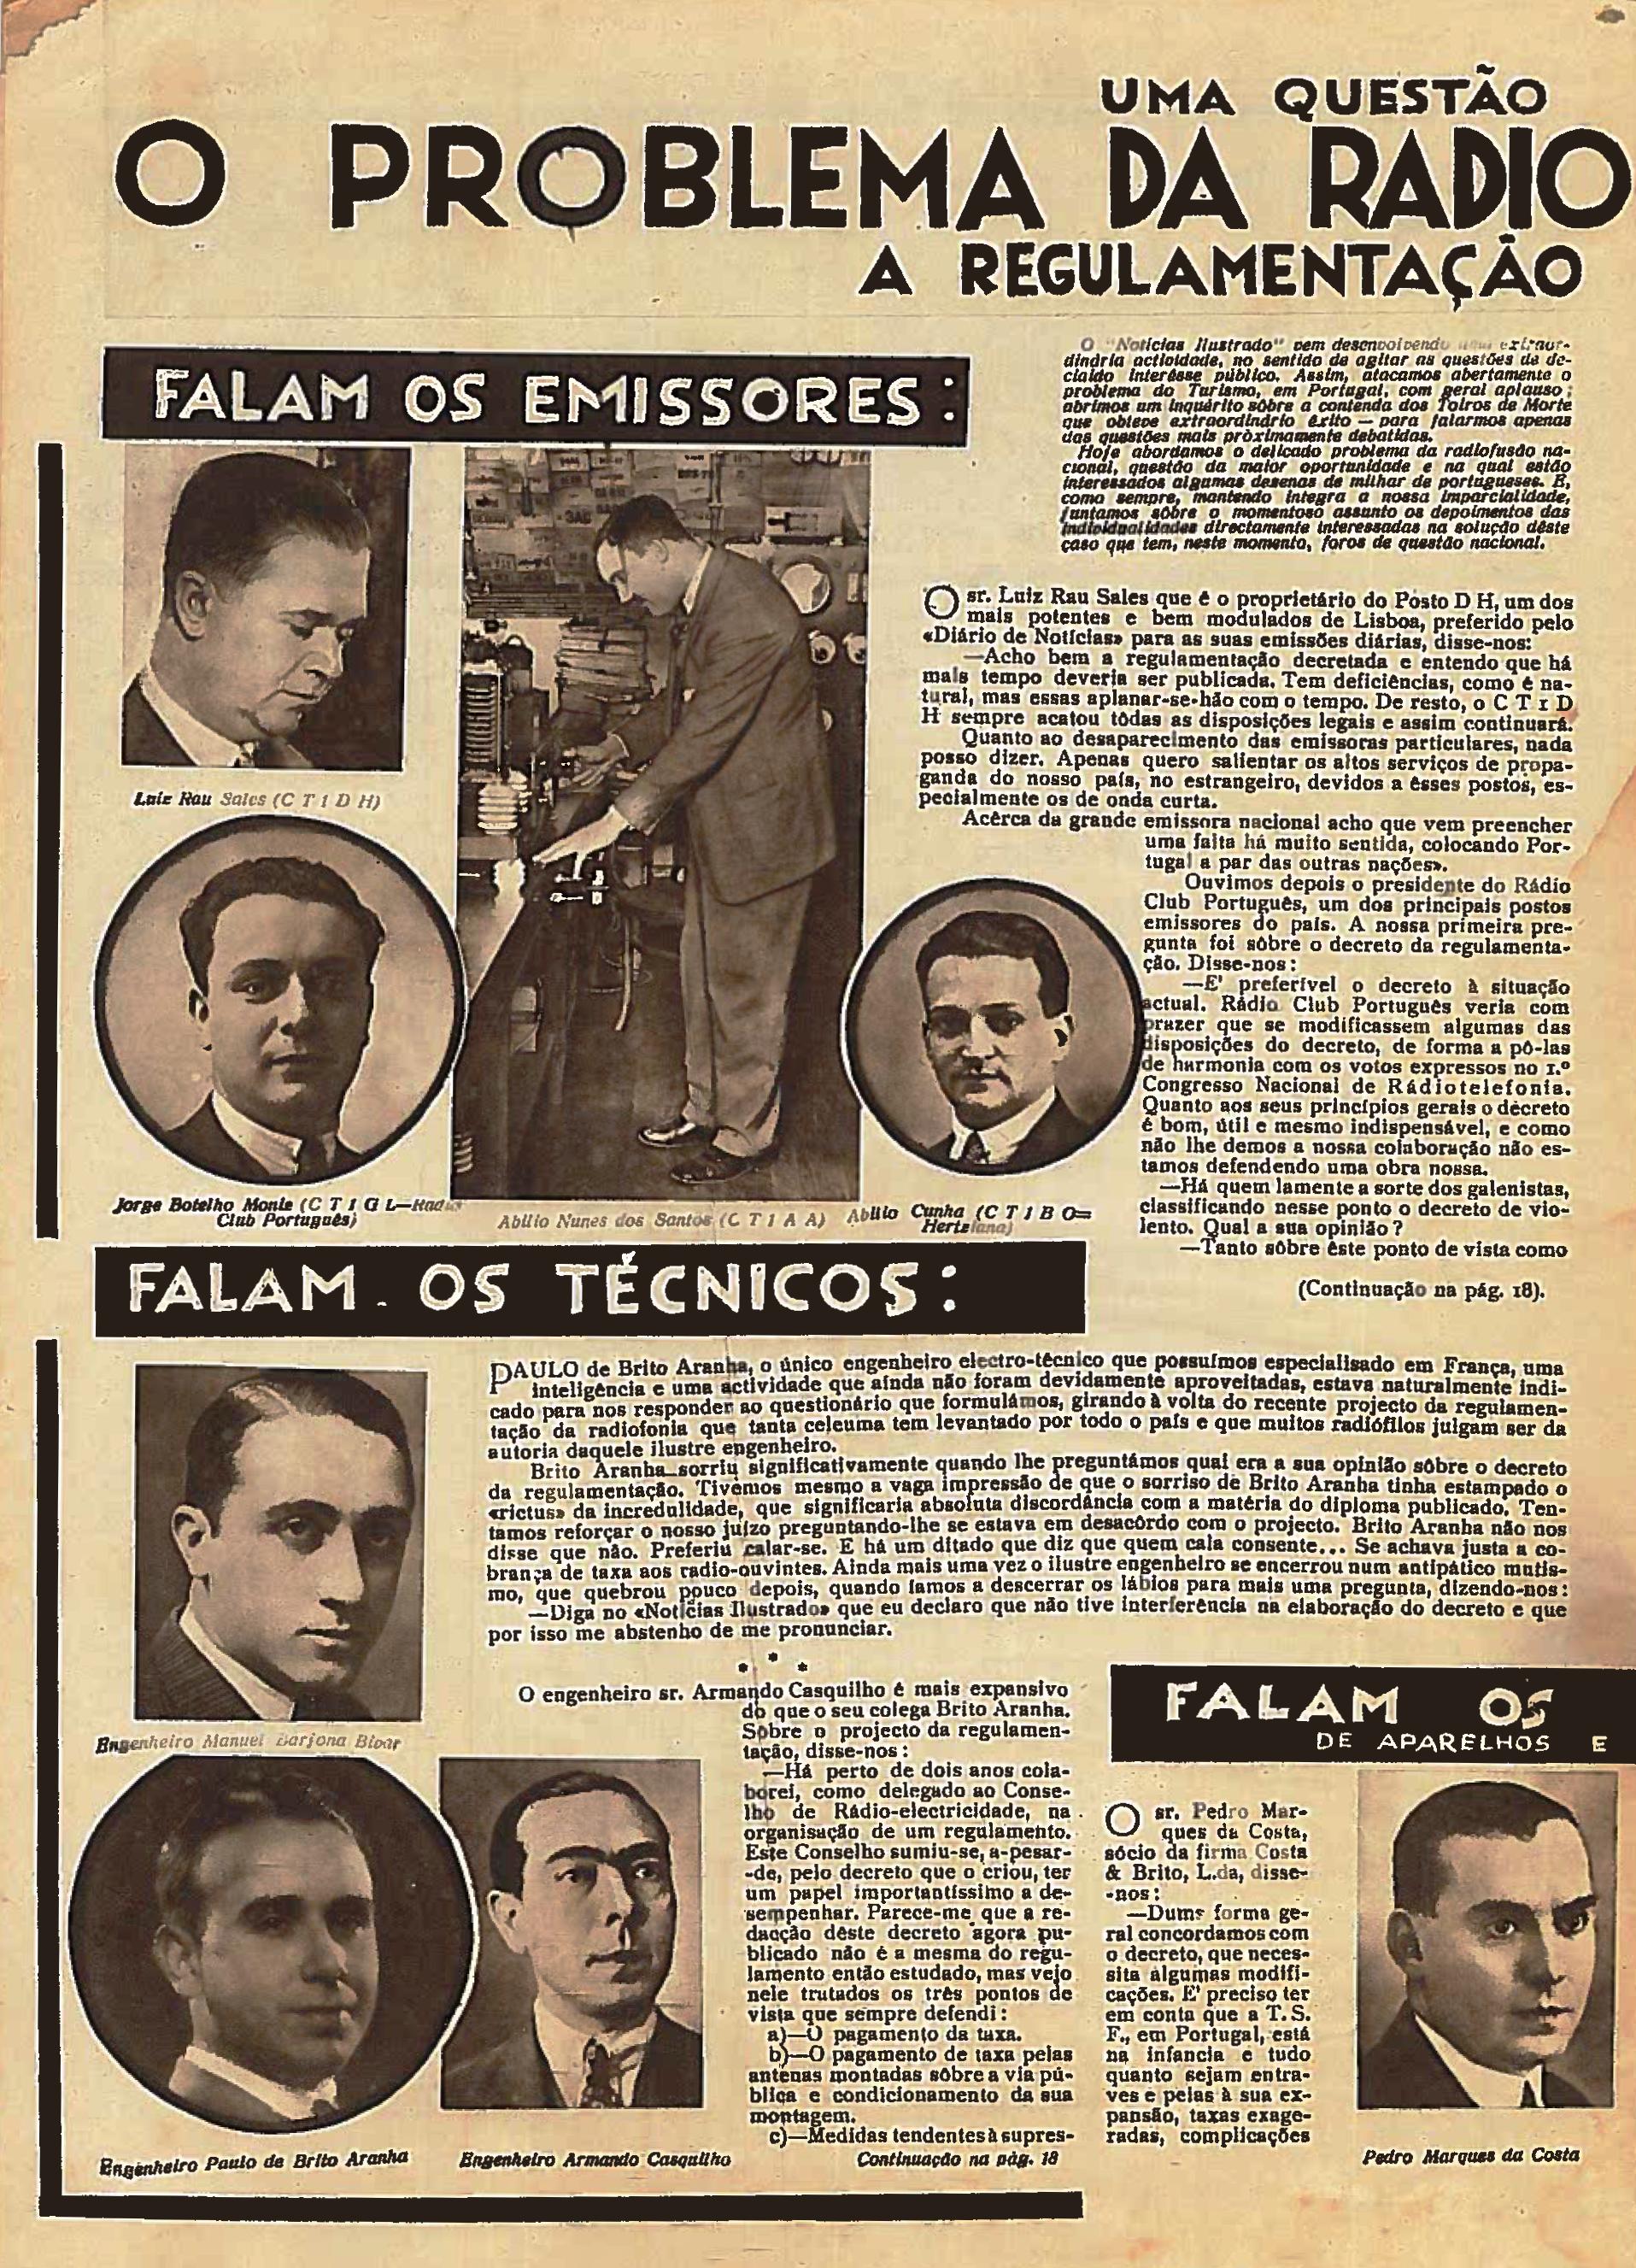 Foto do nº28 de maio de 1933 do Diário Ilustrado